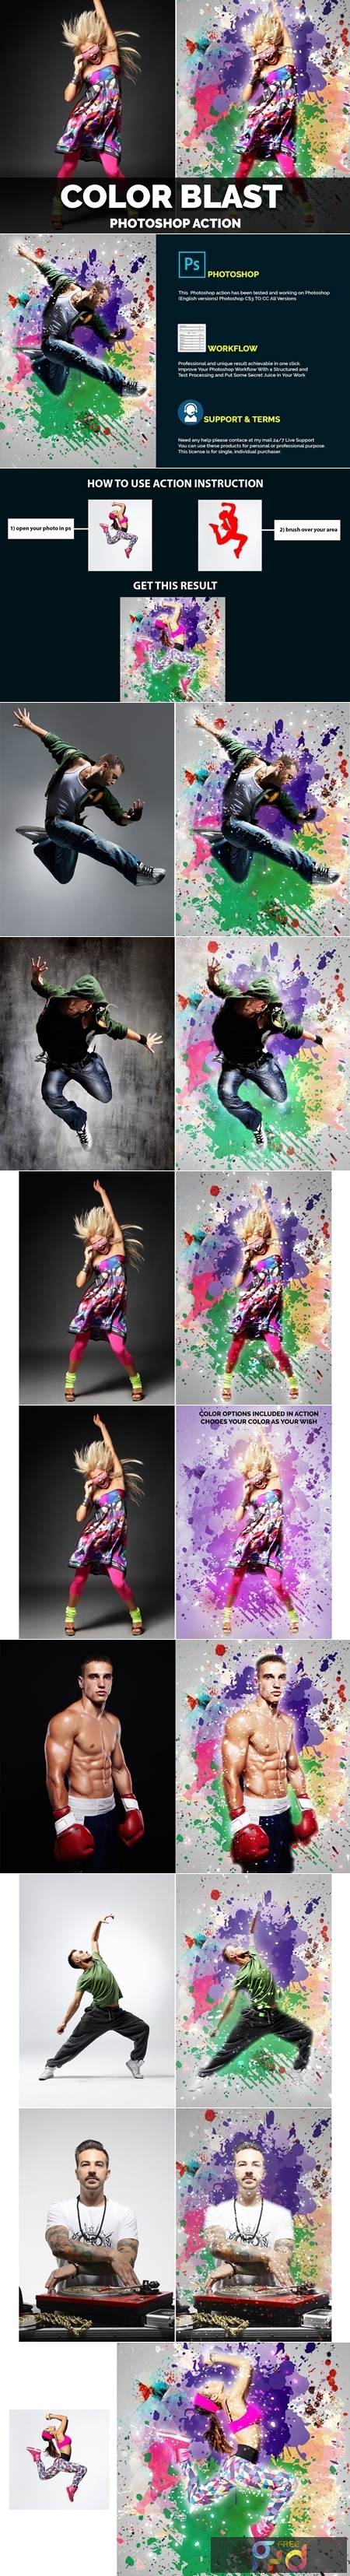 Color Blast Photoshop Action 4406654 1